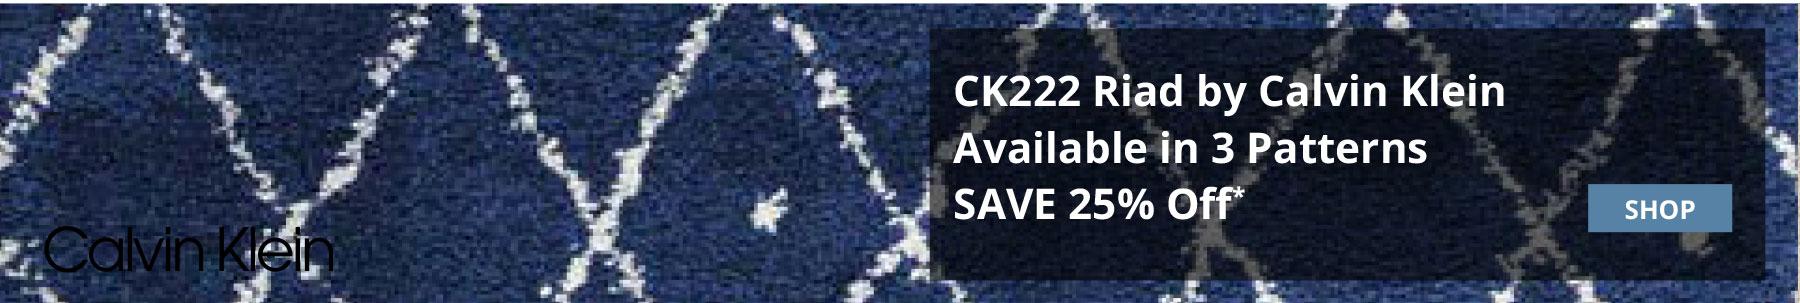 Calvin Klein CK222 Riad